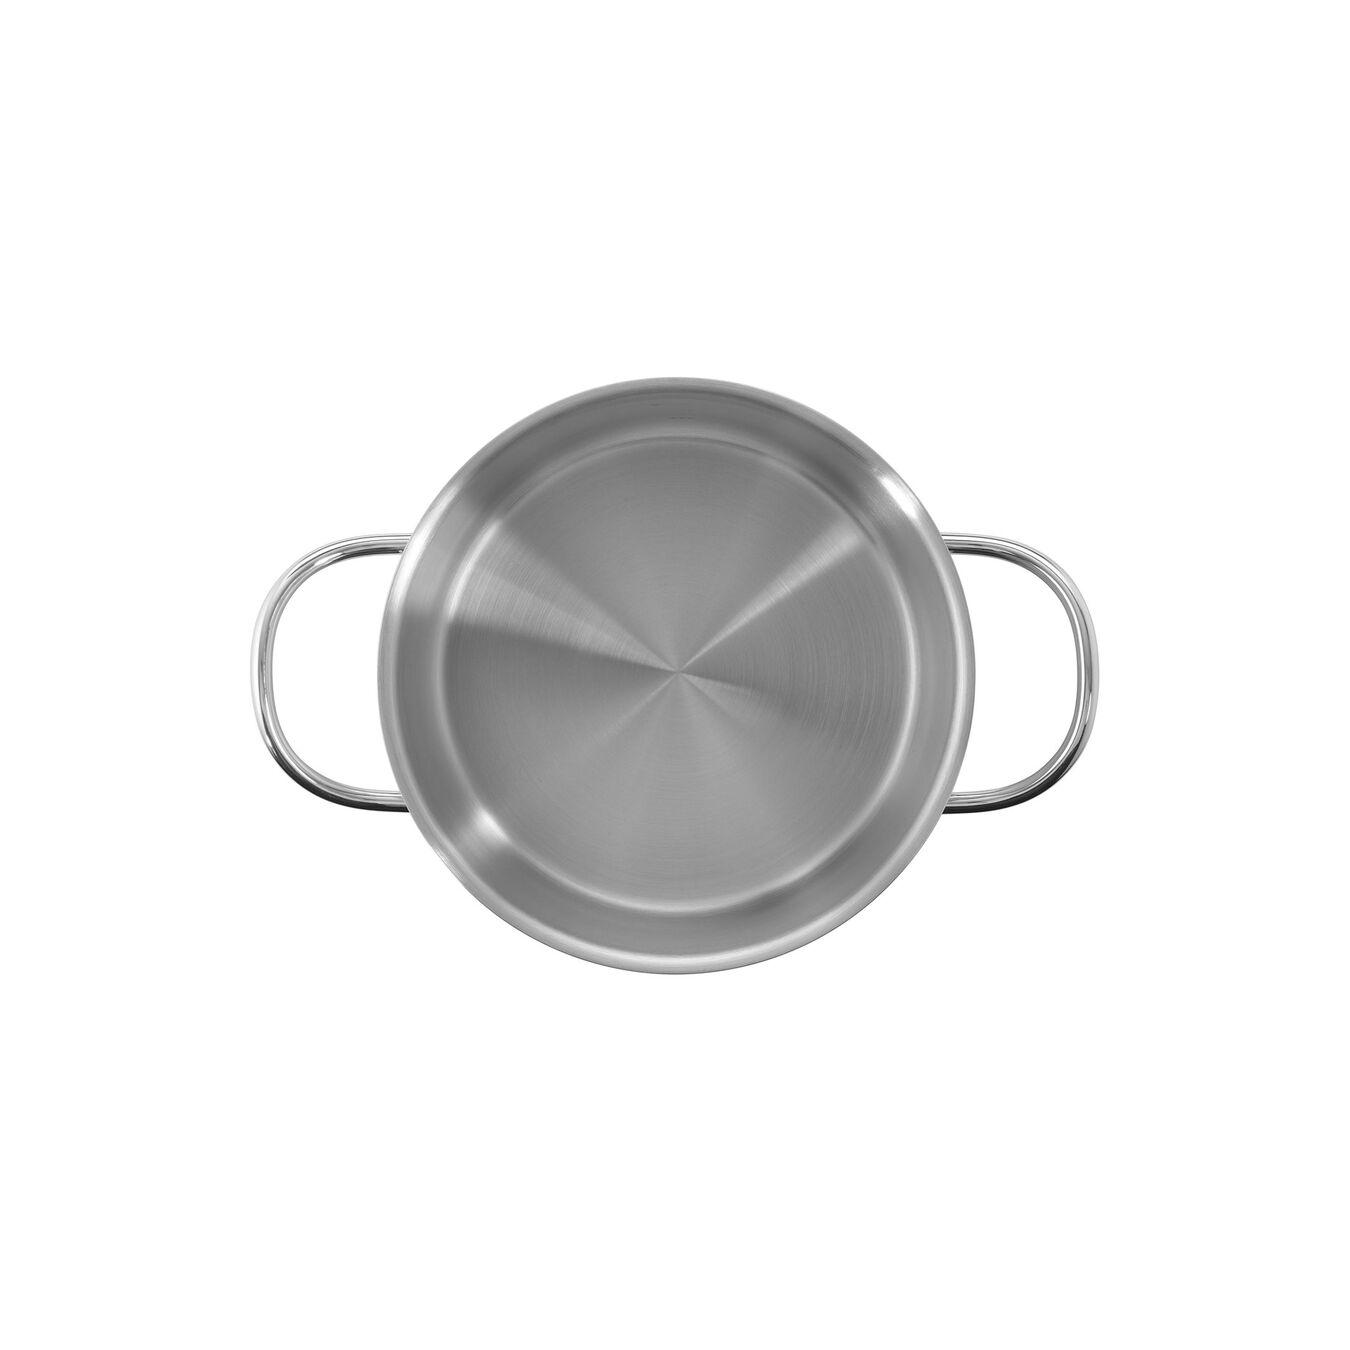 Derin Tencere | 18/10 Paslanmaz Çelik | 2,25 l,,large 7